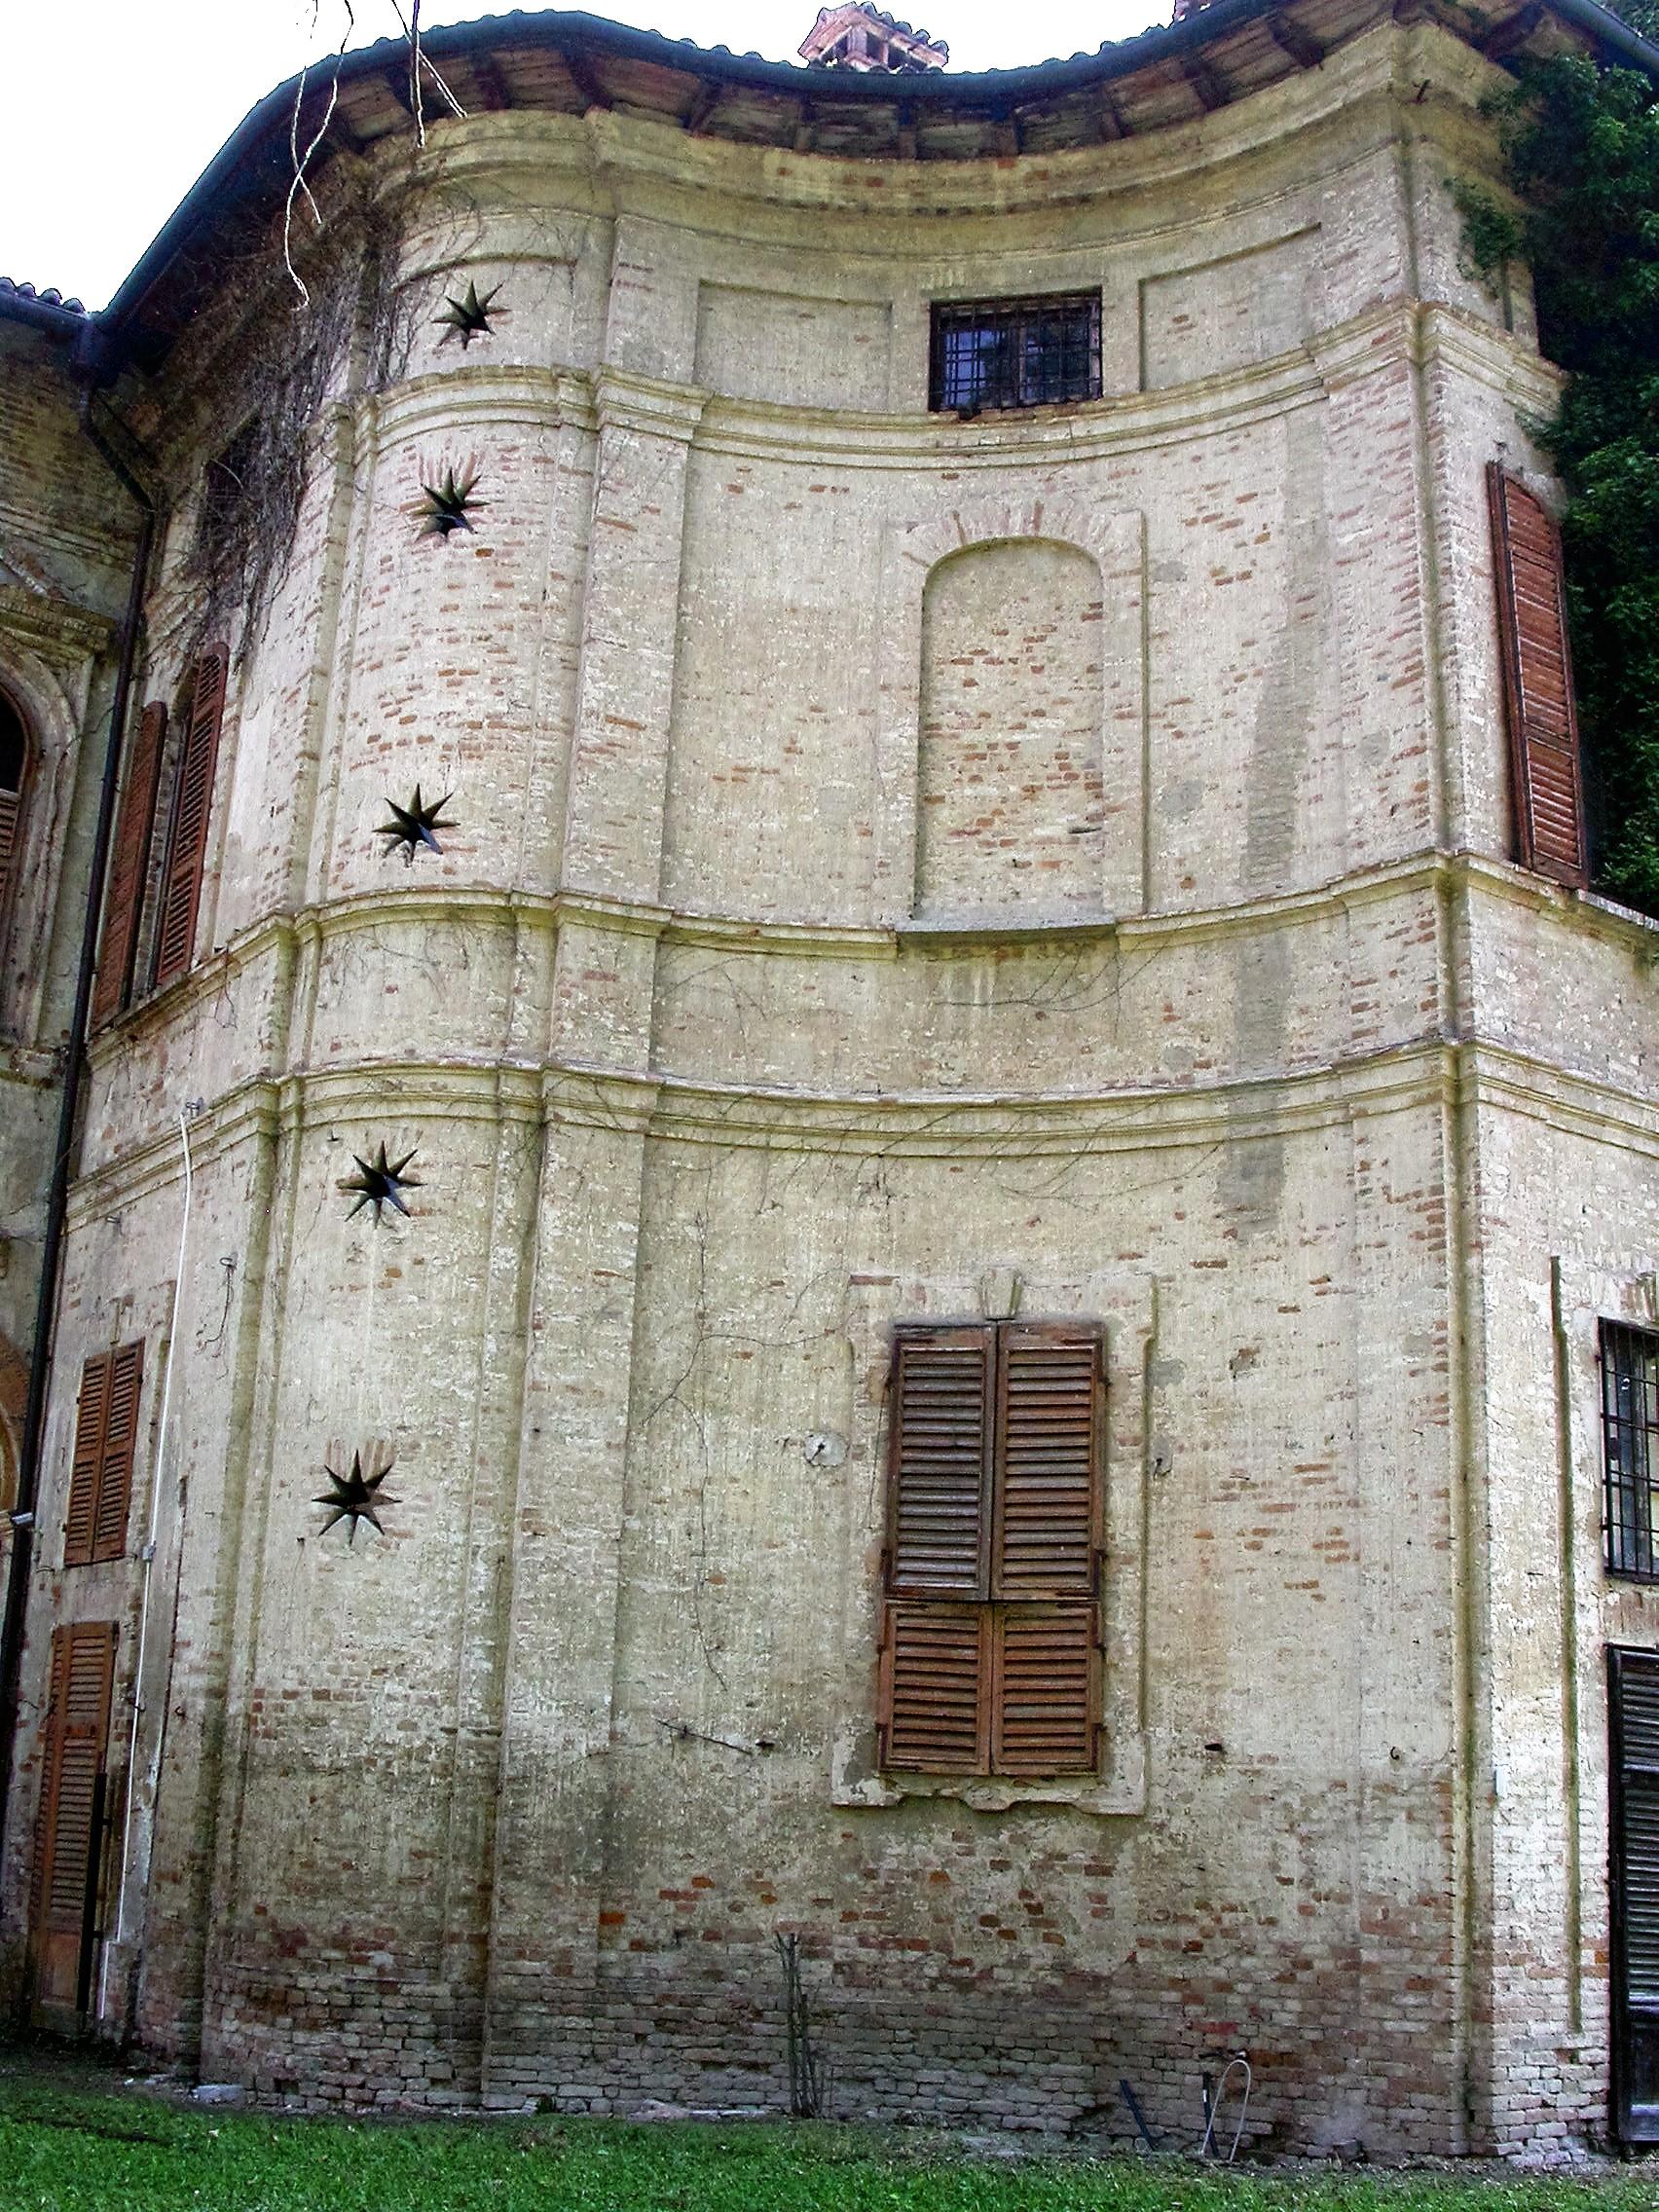 Castelletto di Branduzzo, particolare delle aperture della scala interna bramantesca. l'immobile è oggetto di studio.